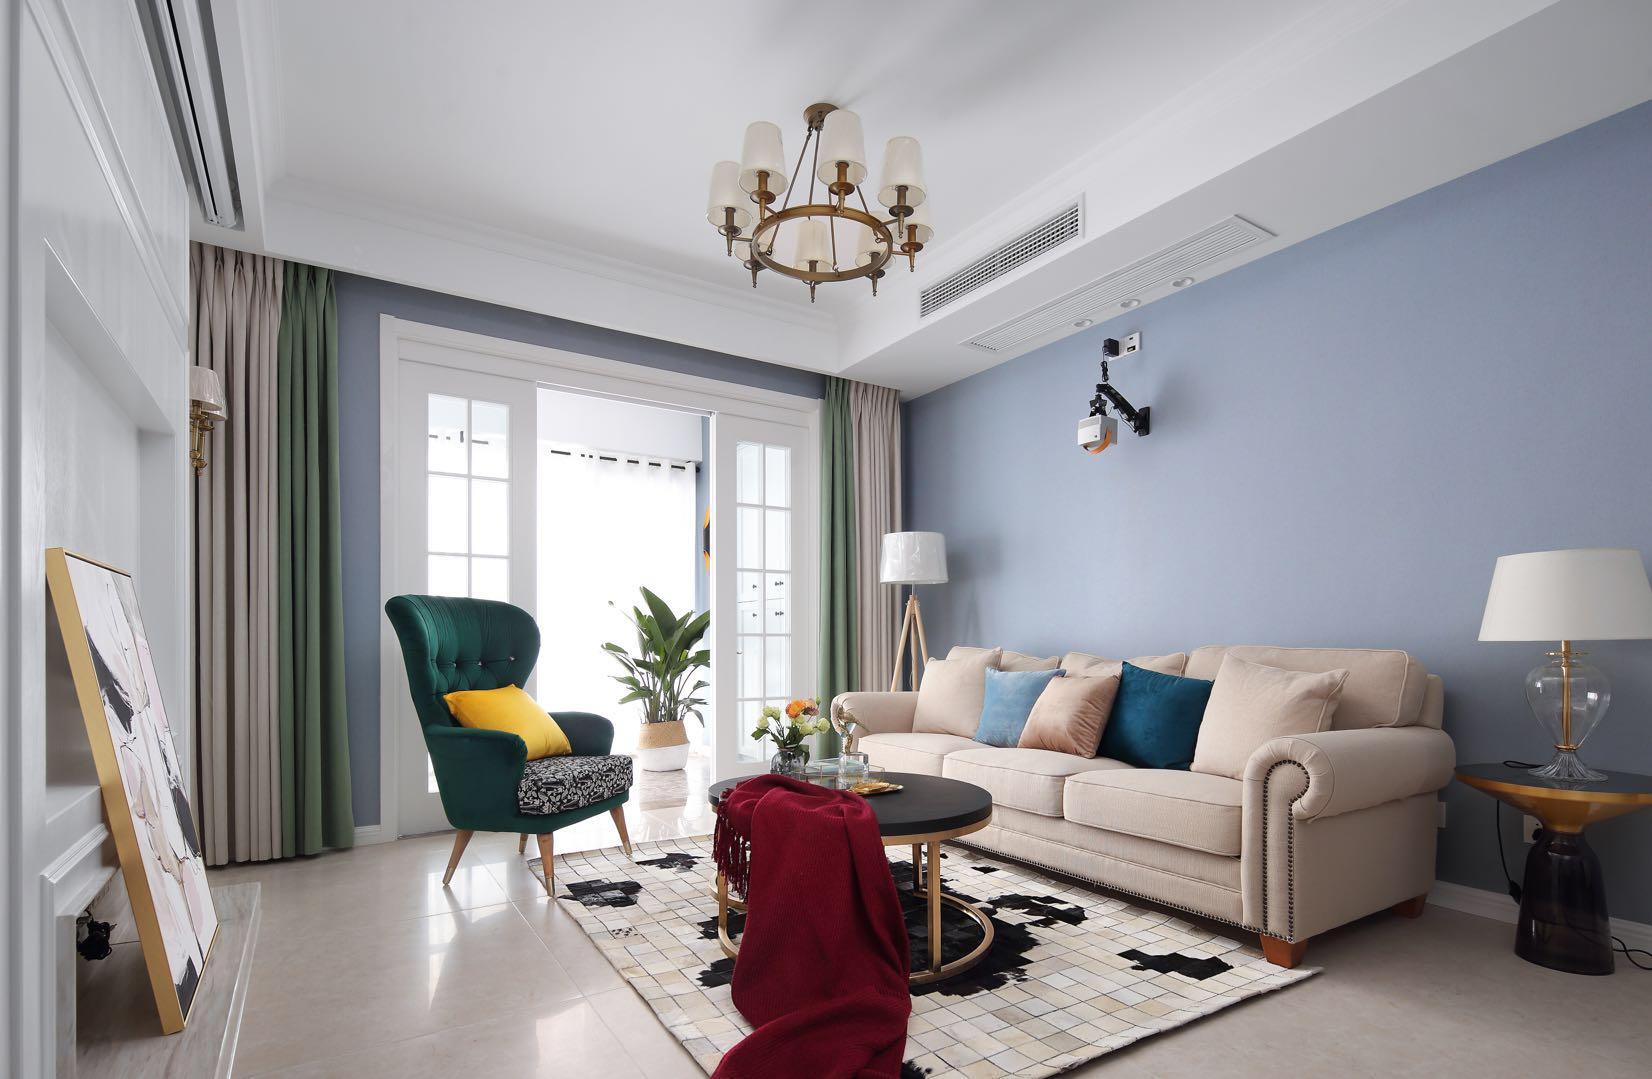 美式風格房子客廳沙發背景墻裝修裝飾